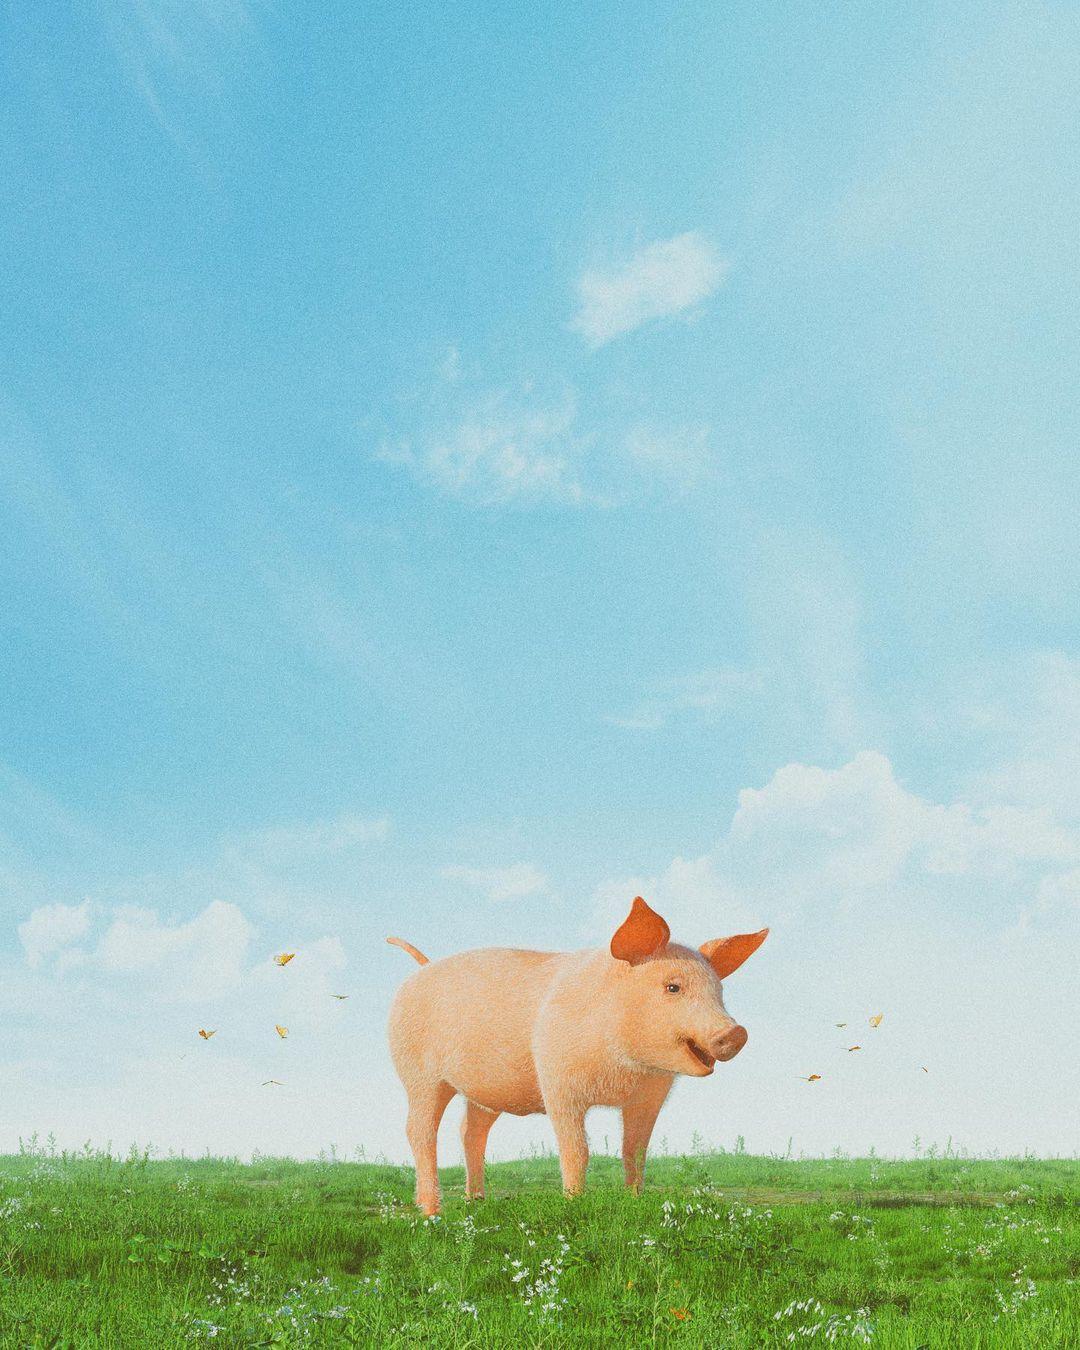 חזיר 🖼️ ביפל (cc)